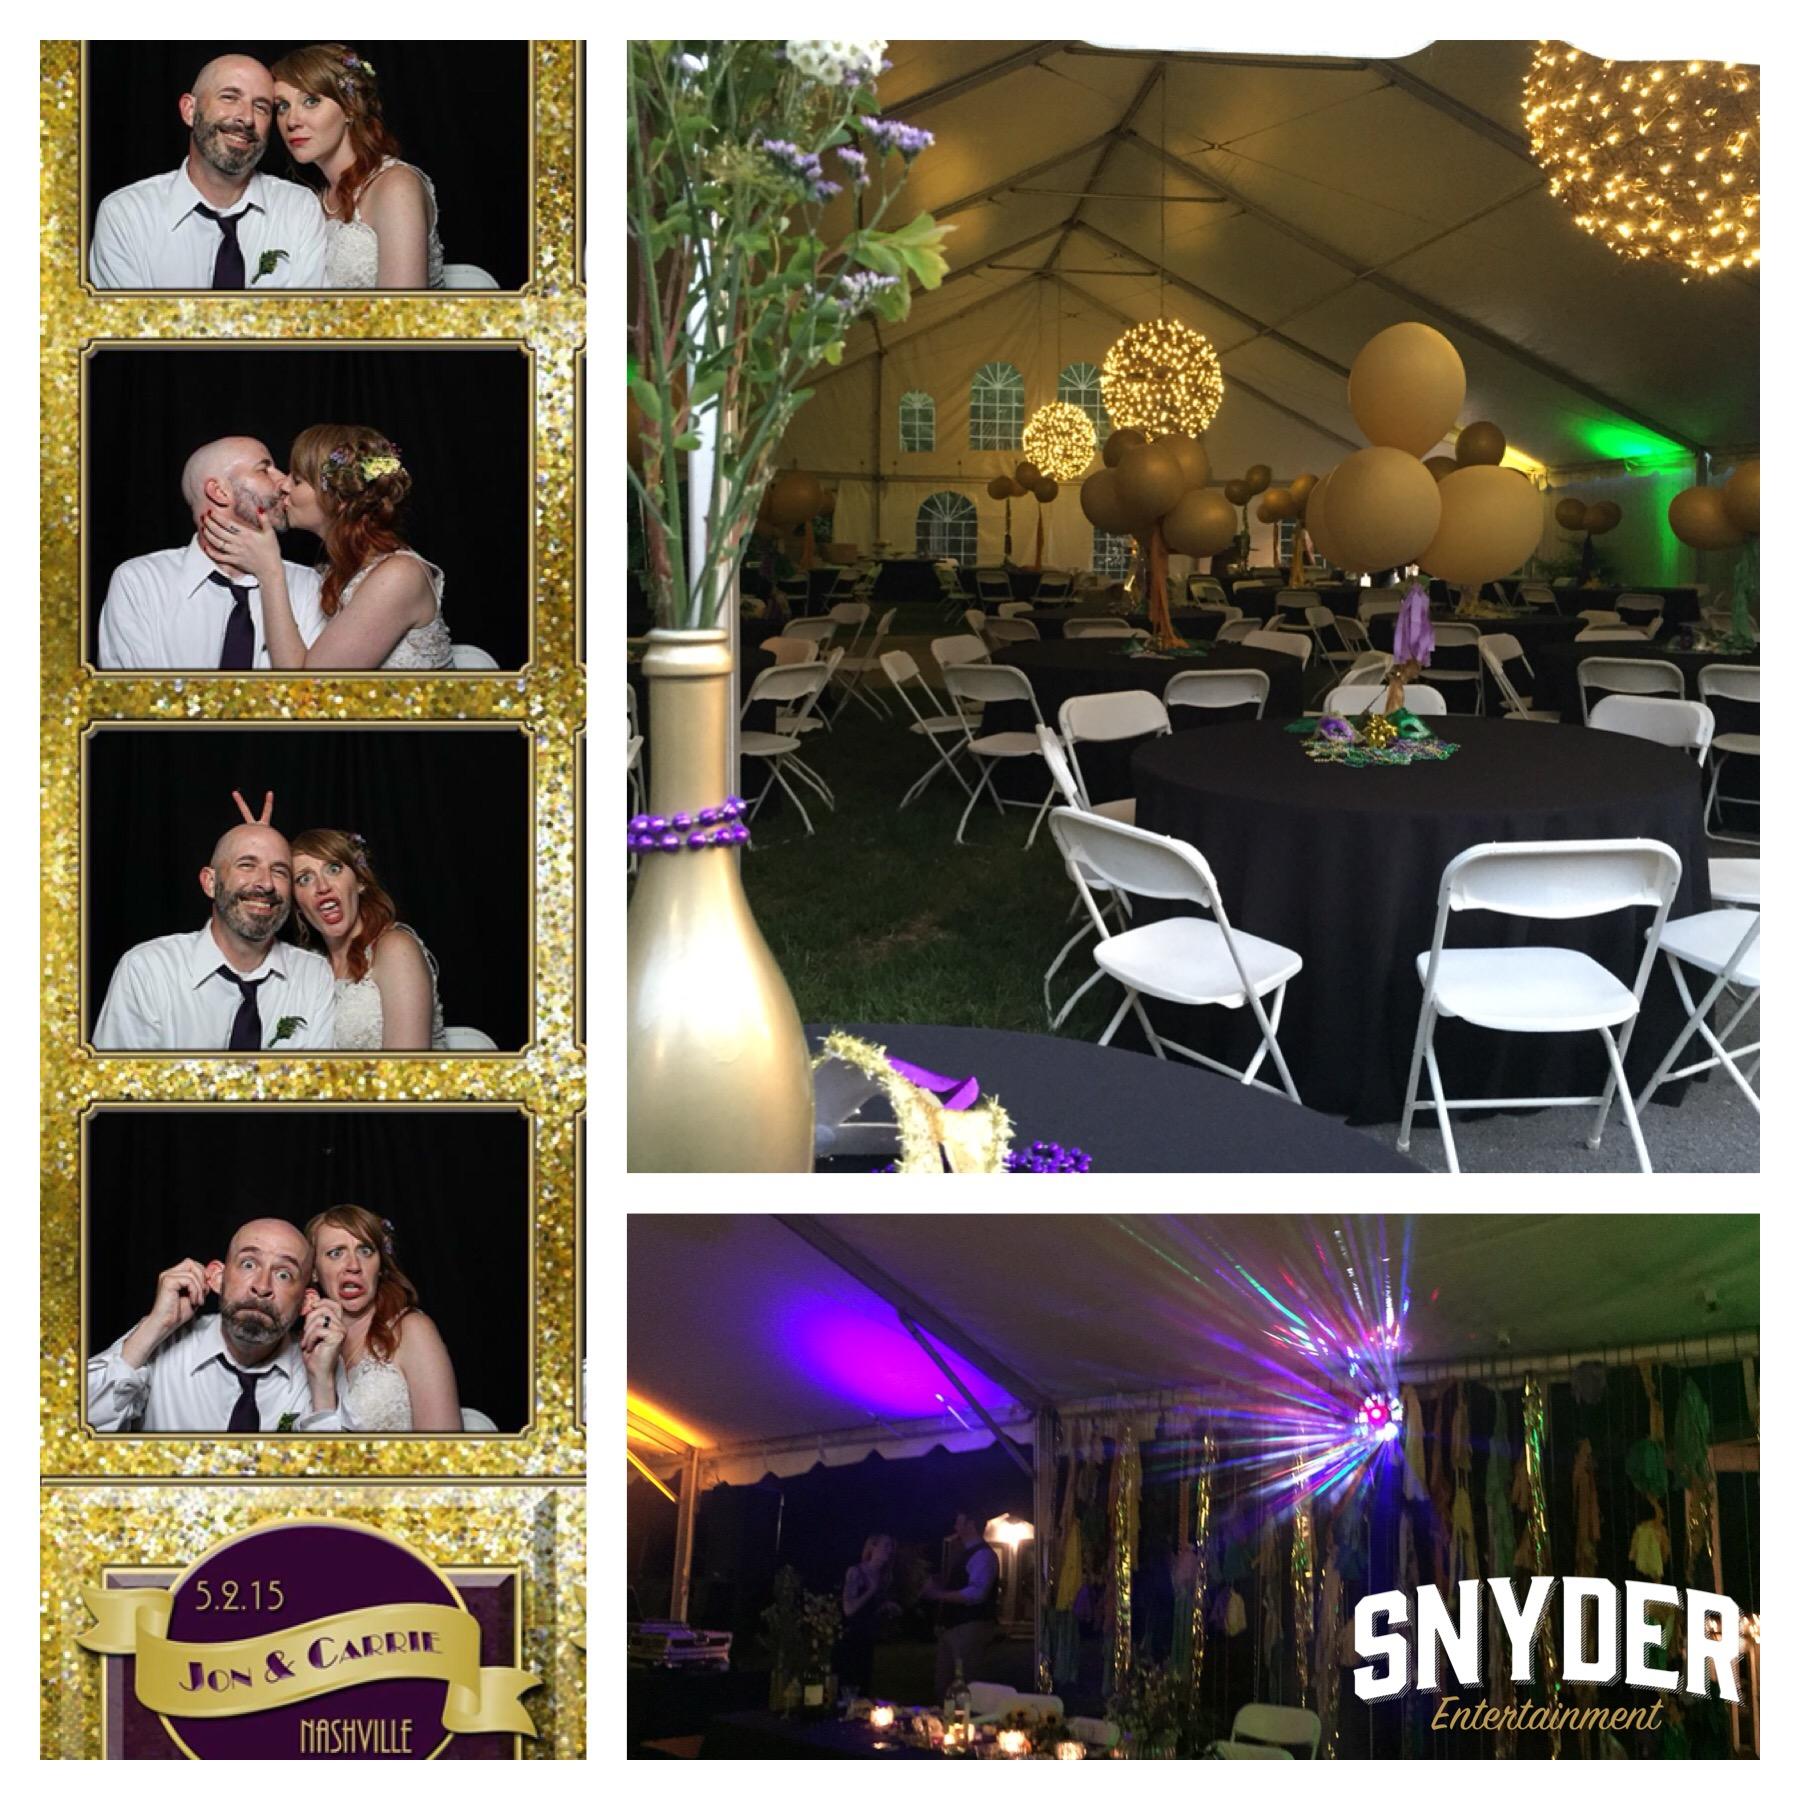 Nashville-wedding-snyder-entertainment